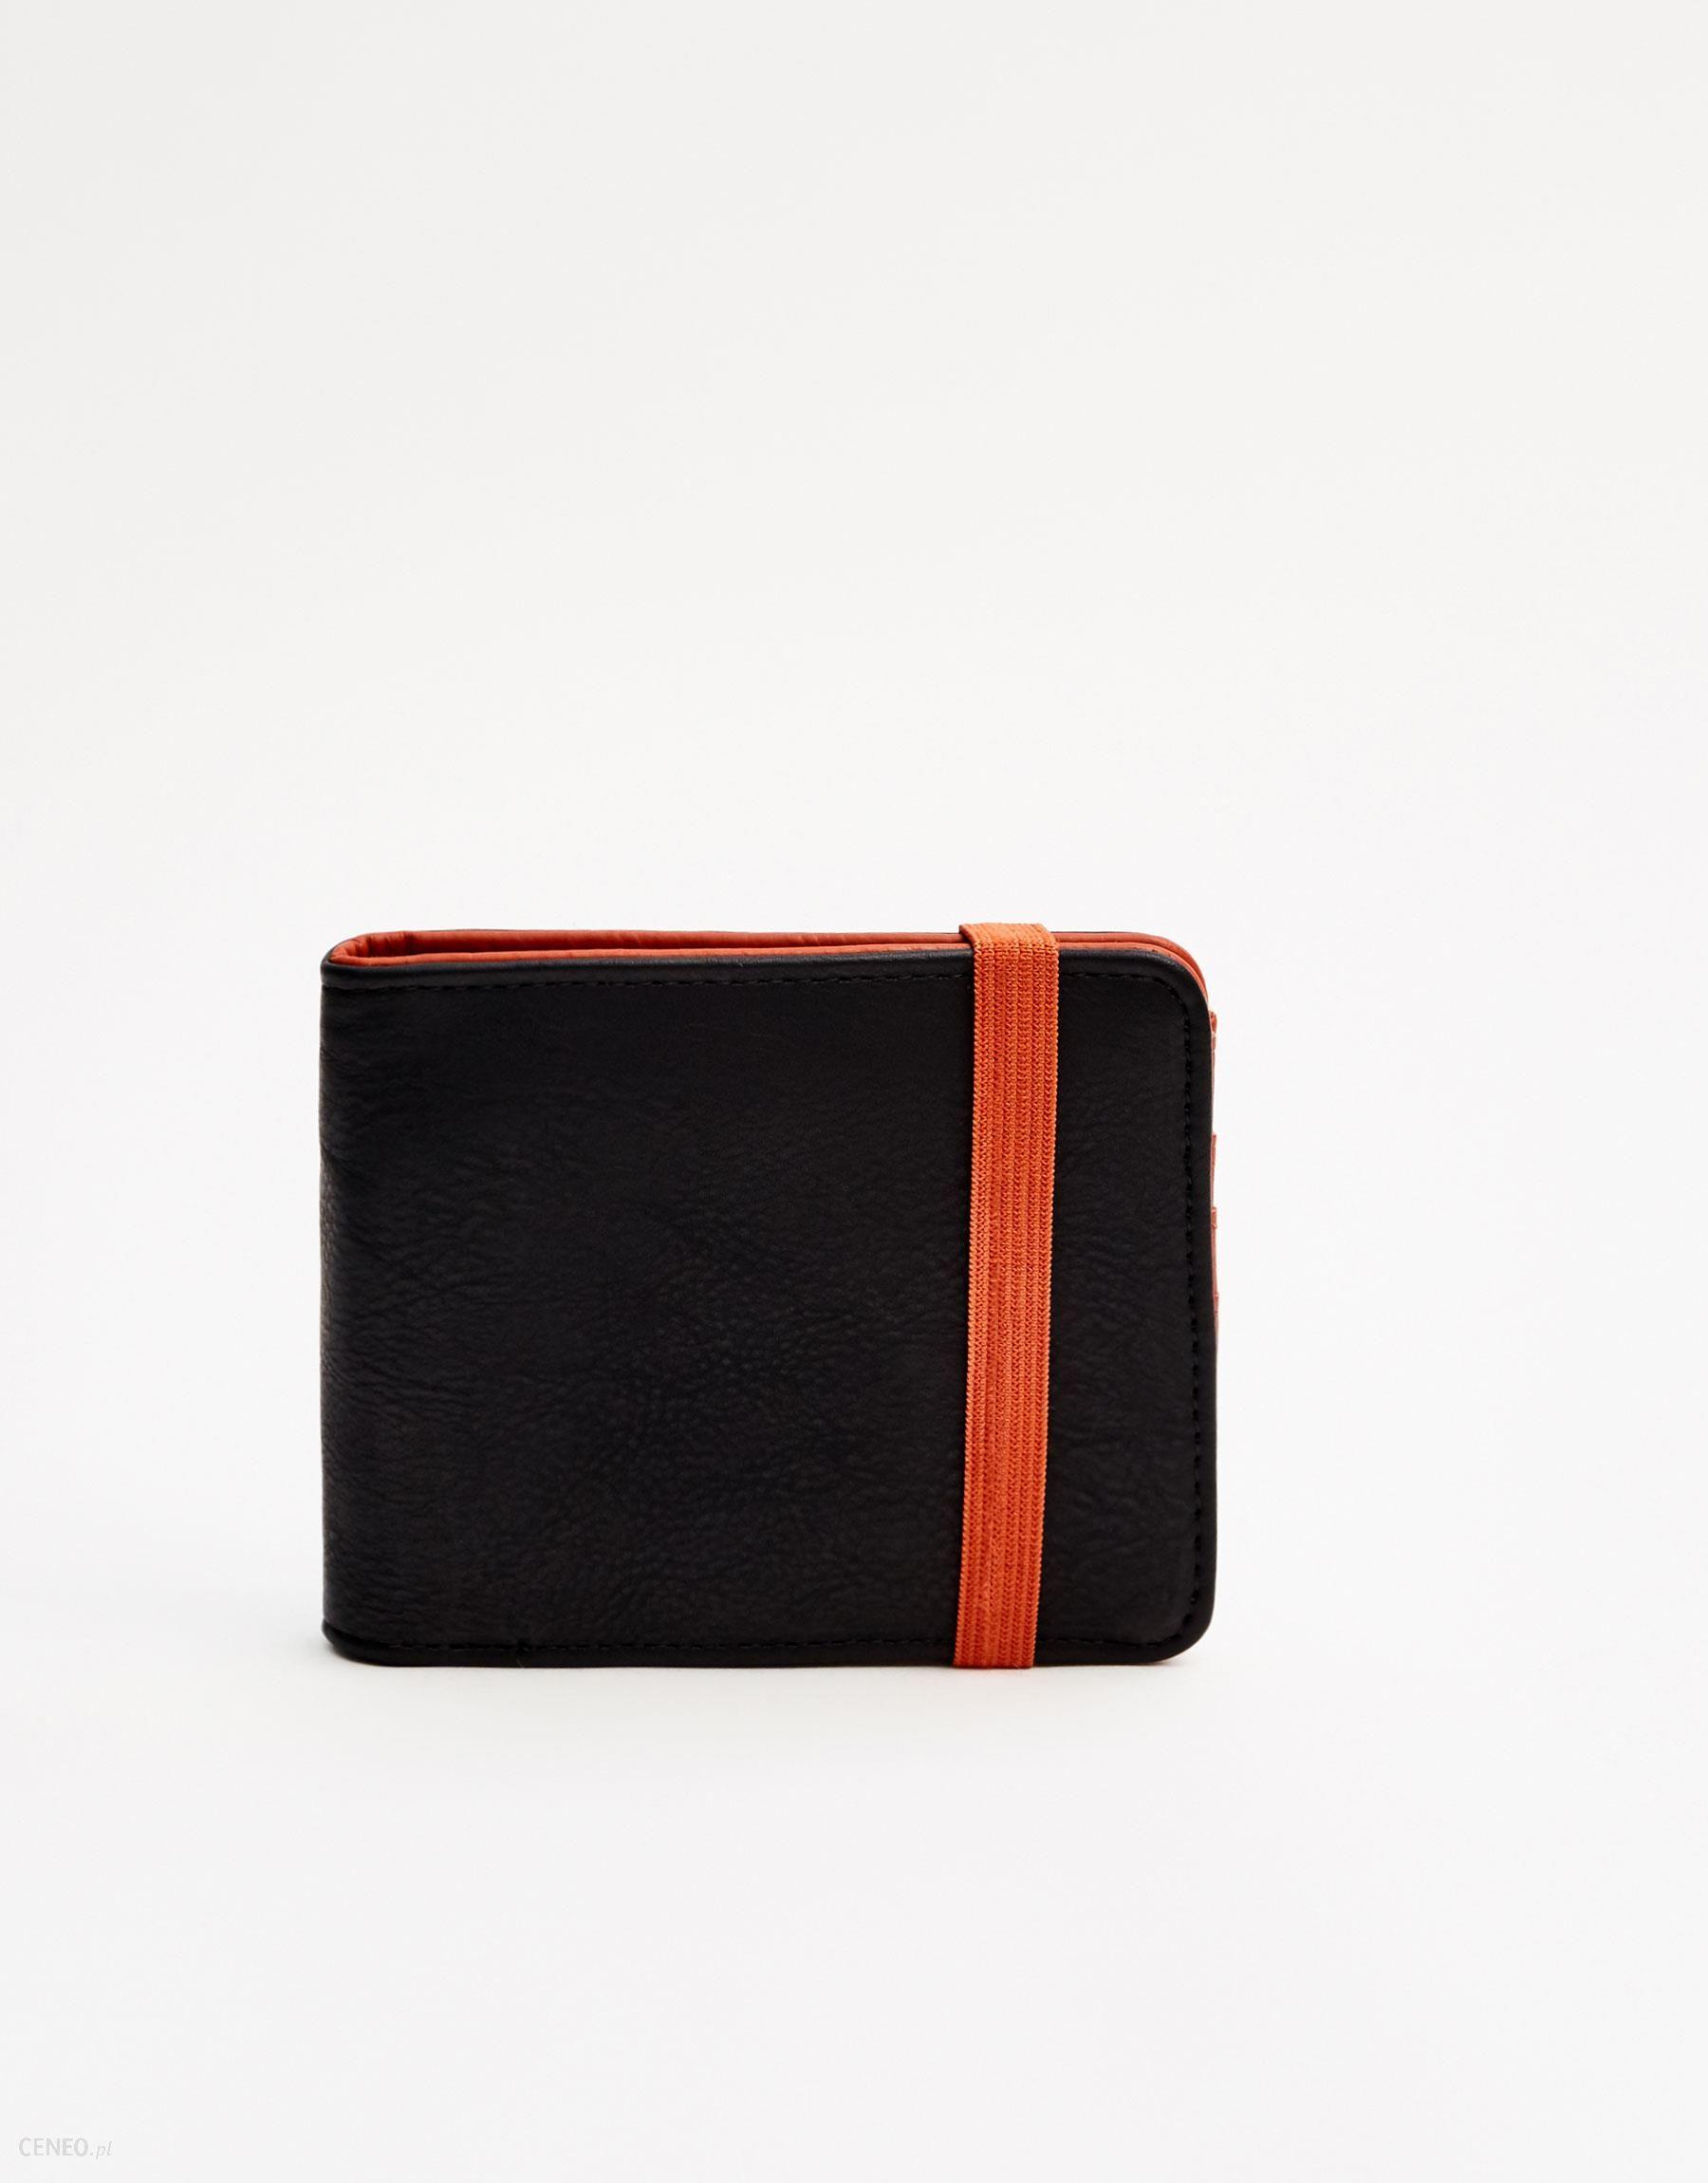 745a8ffe75a6f Dwukolorowy portfel z gumką - Ceny i opinie - Ceneo.pl